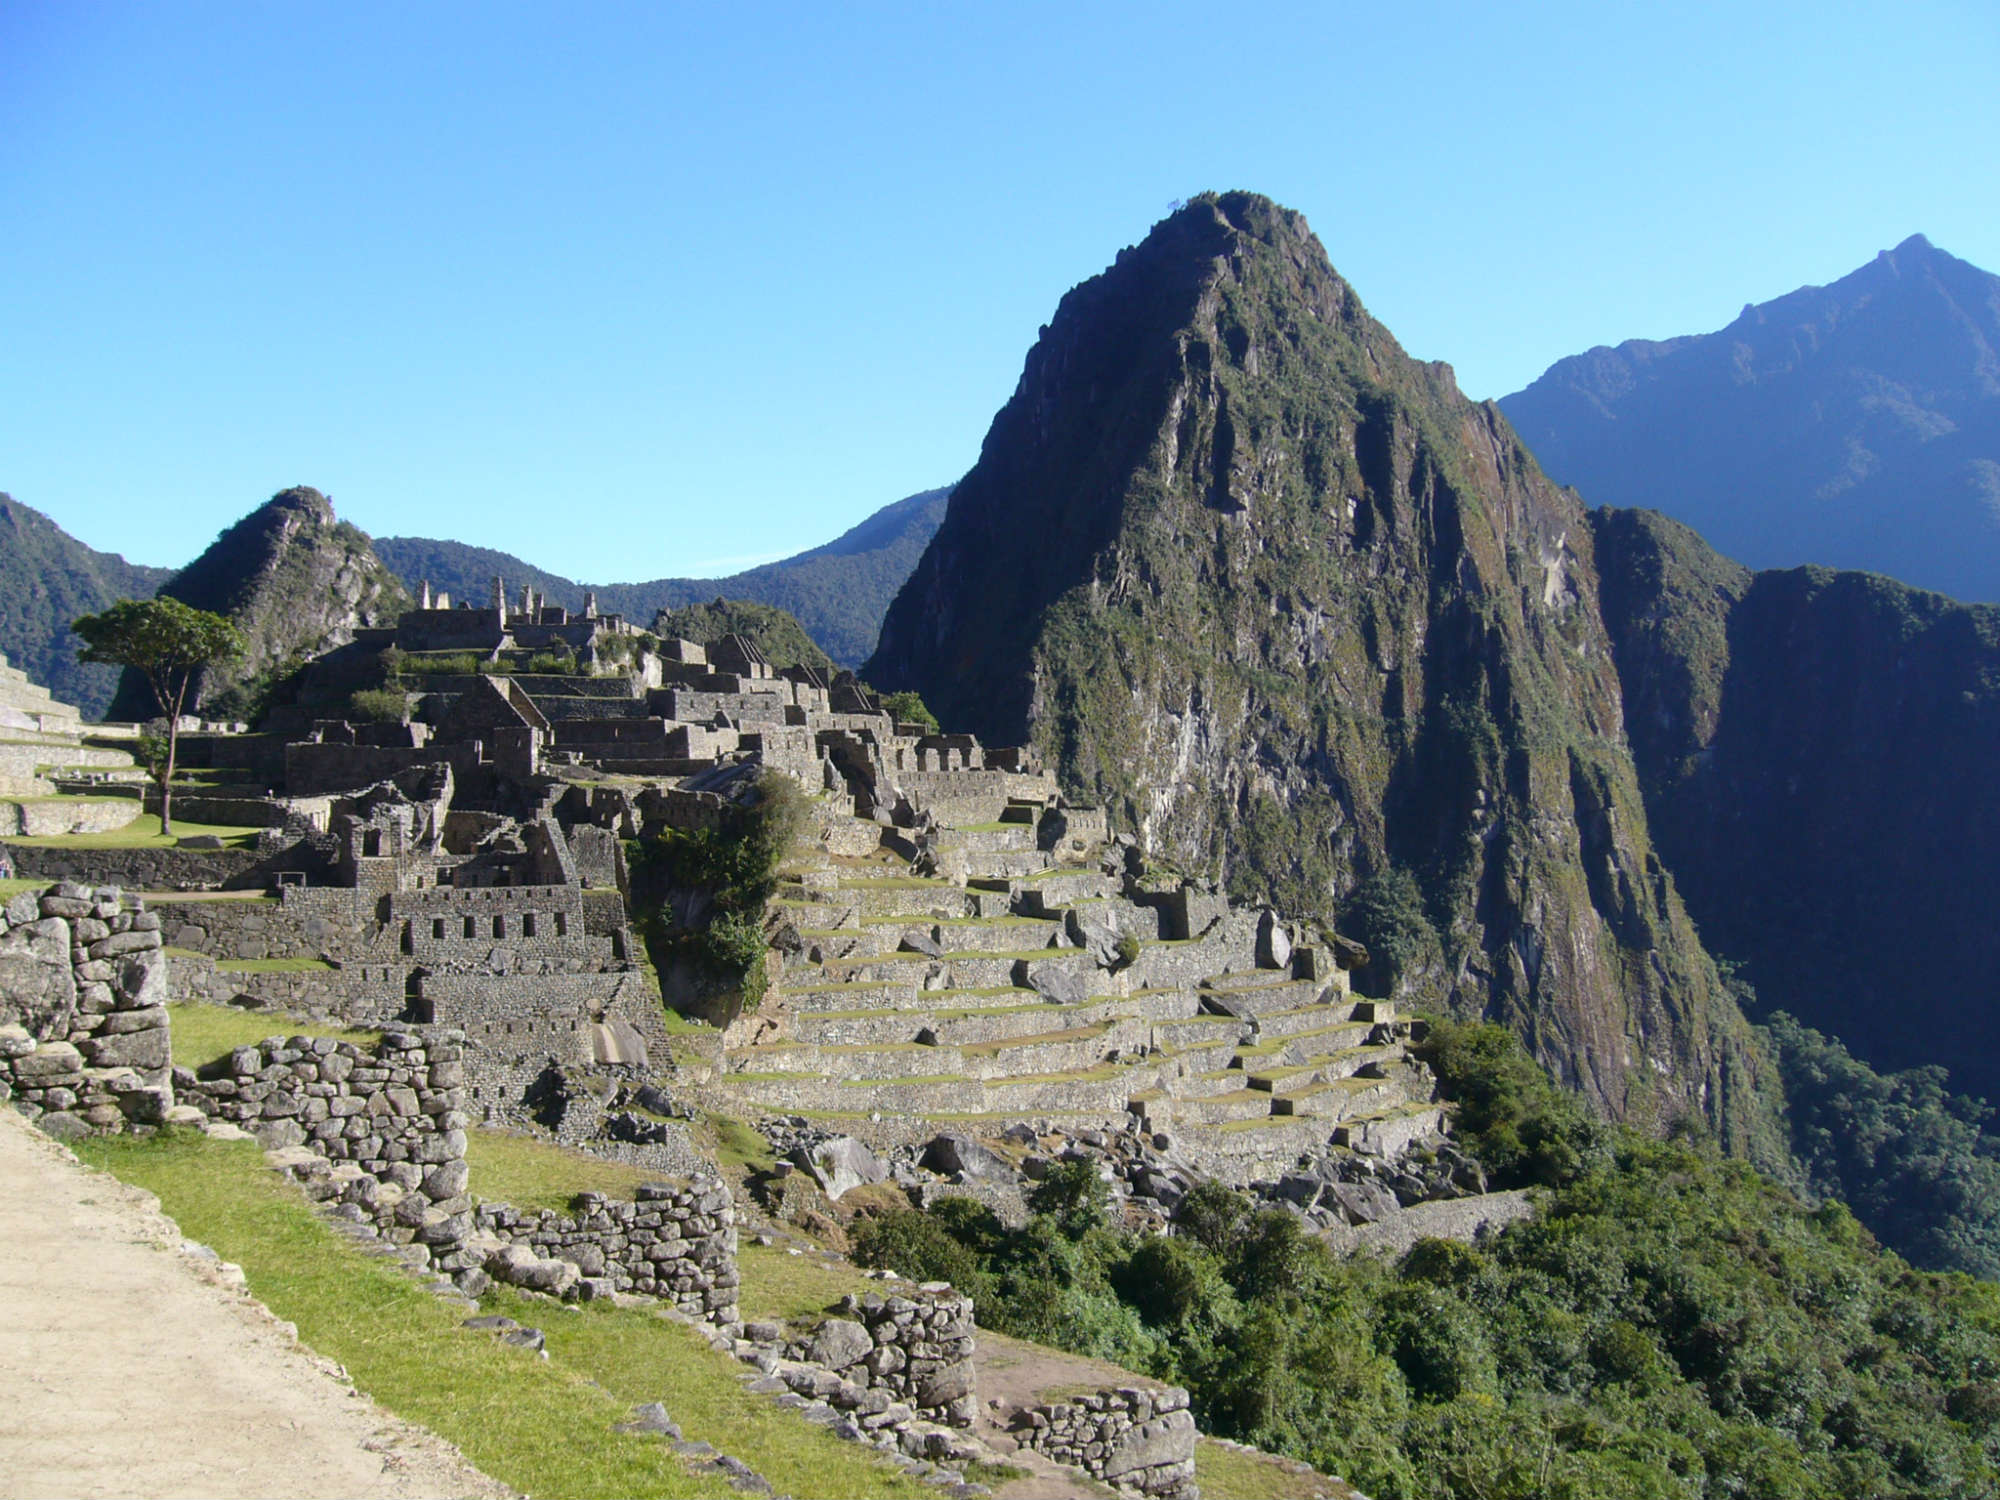 ペルー・マチュピチュ山 登頂11日間